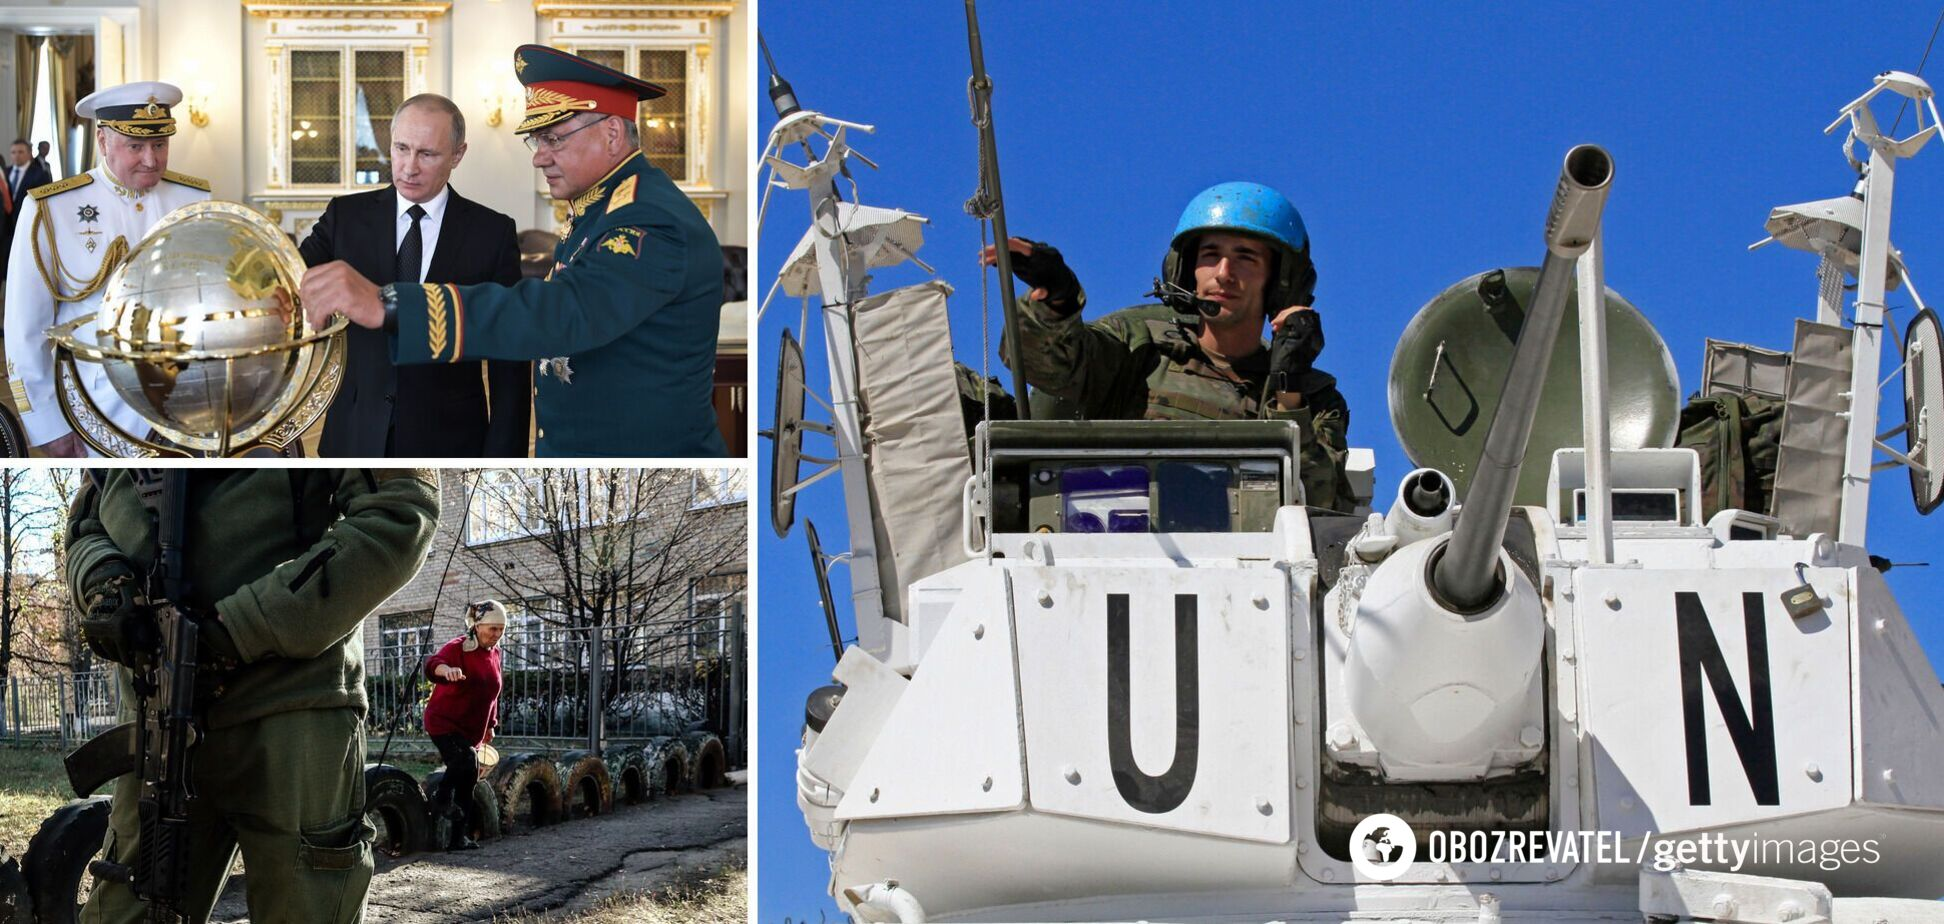 Кремль готовий на одностороннє введення своїх 'миротворців' на Донбас, – Арестович